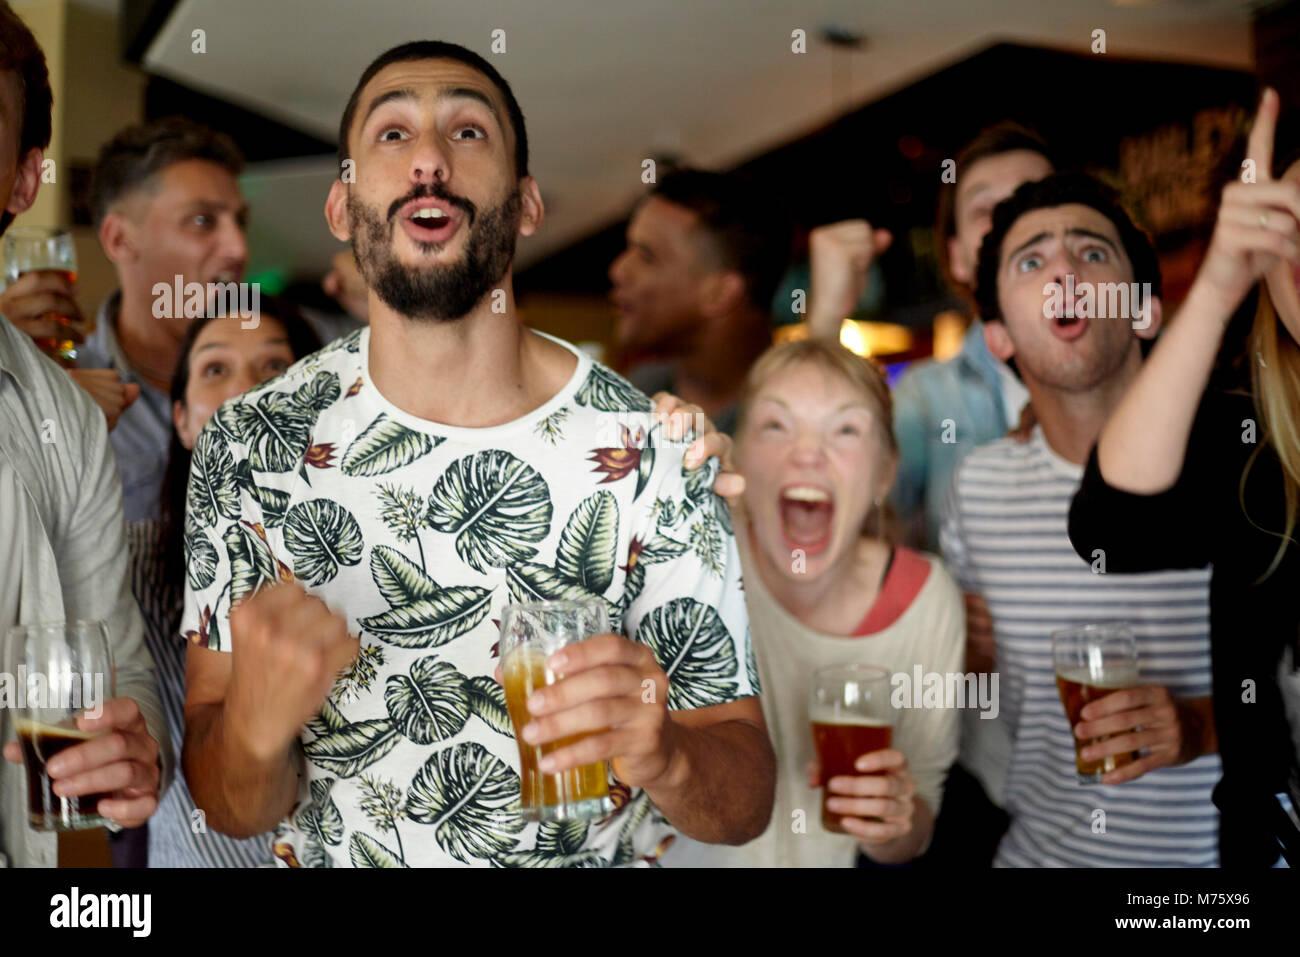 Sportbegeisterte aufgeregt beobachten Match in bar Stockbild